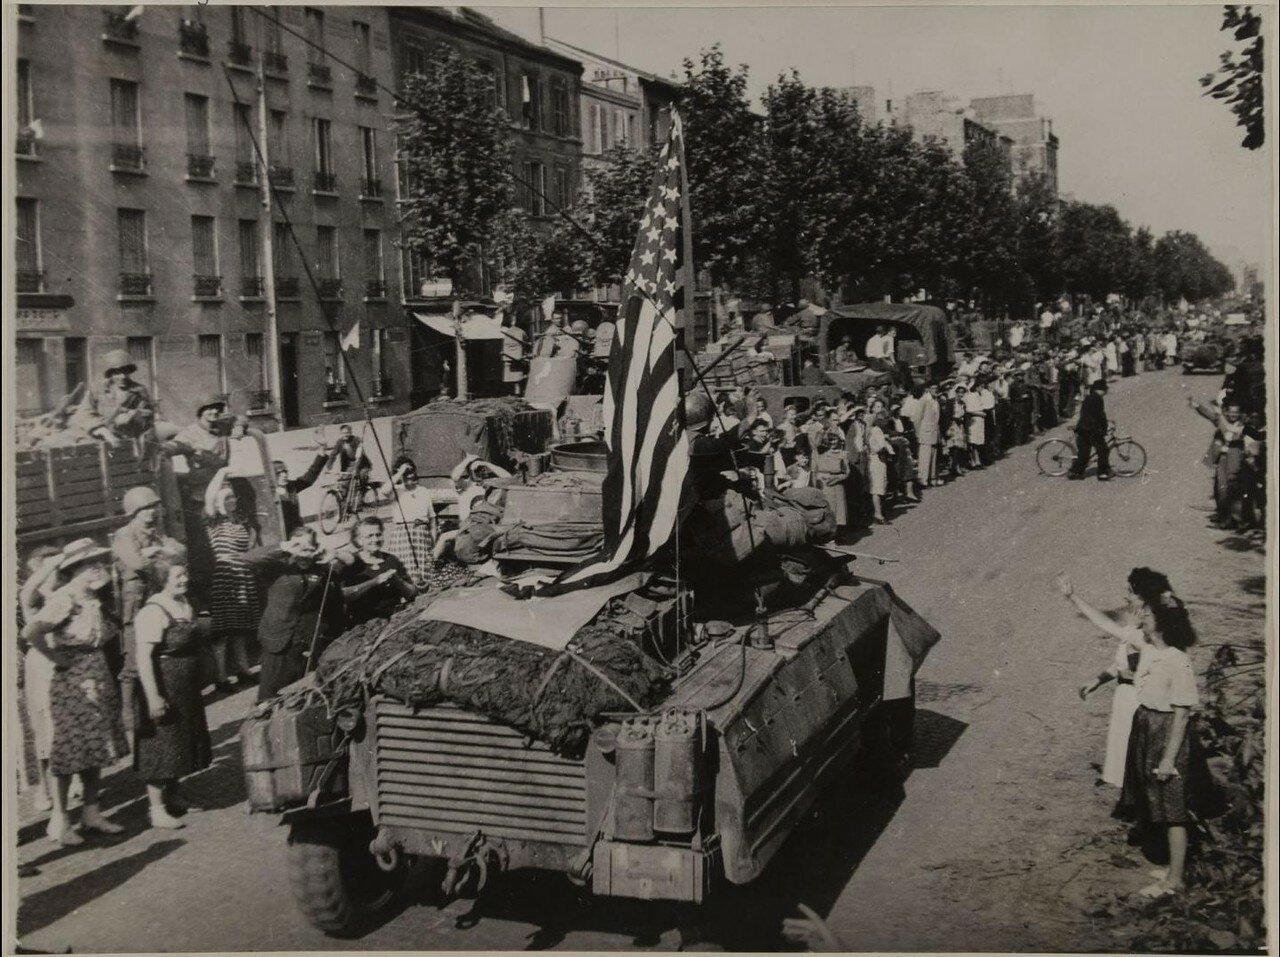 26 августа. Прибытие американских танков. Проспект Эдуарда Вальяна